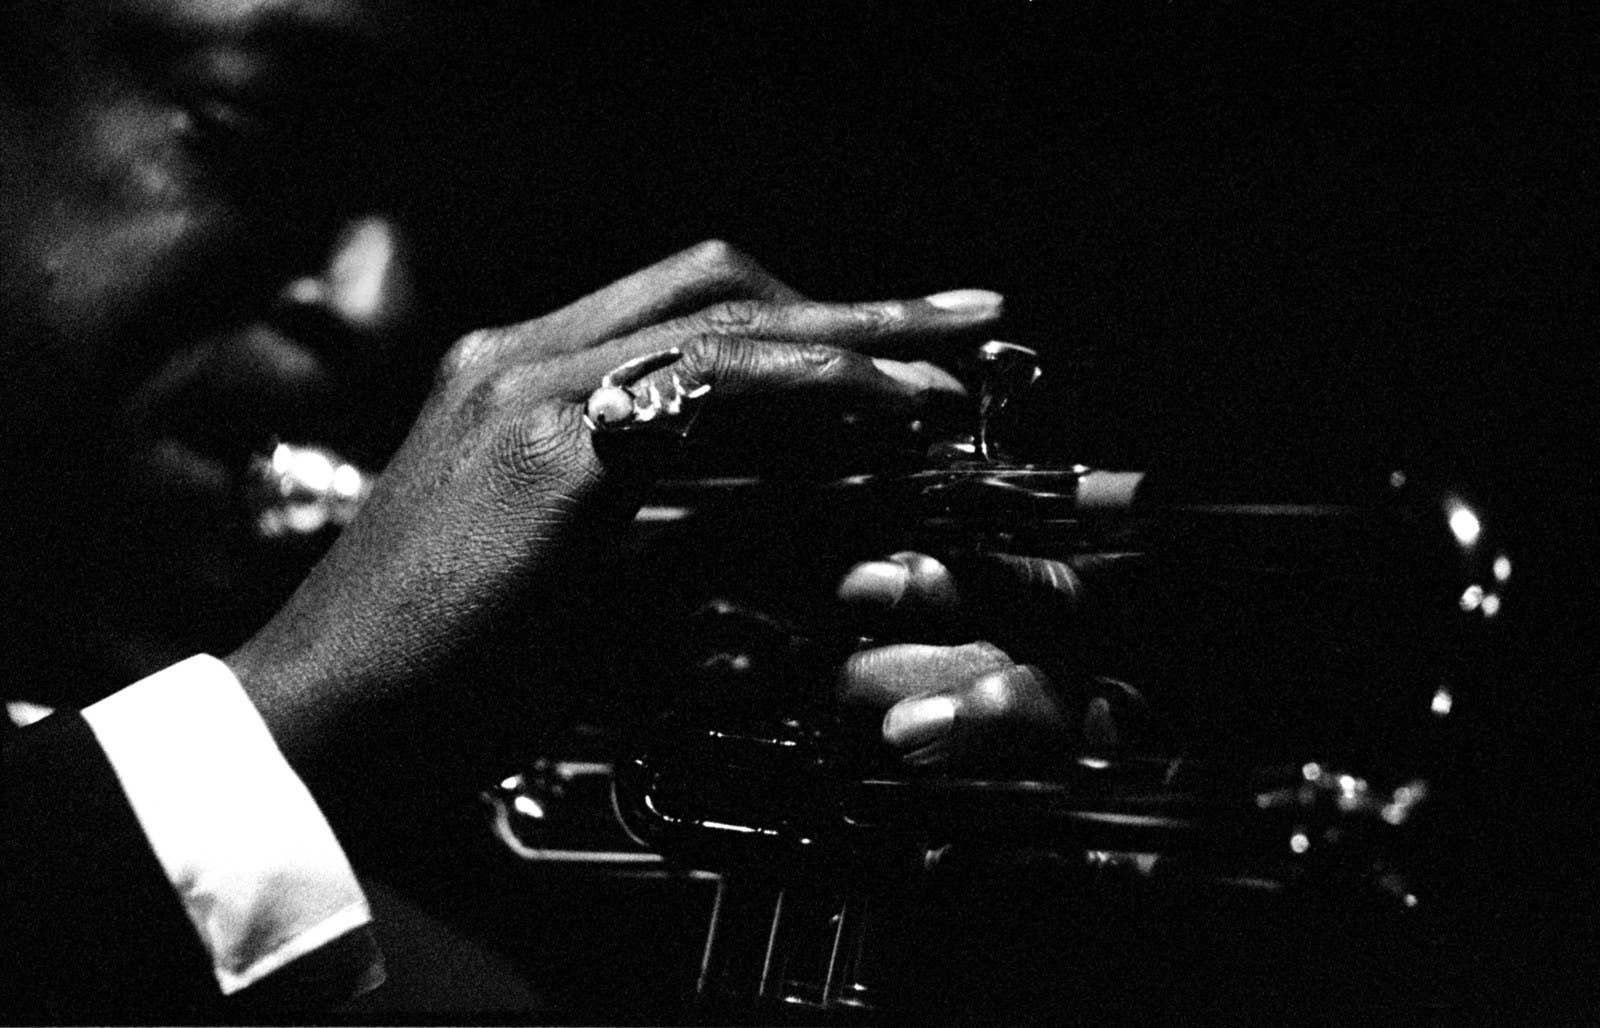 ジャズ黄金期のモノクロ写真がかっこよすぎて壁紙にしたいレベル ジャズ モノクロ写真 写真